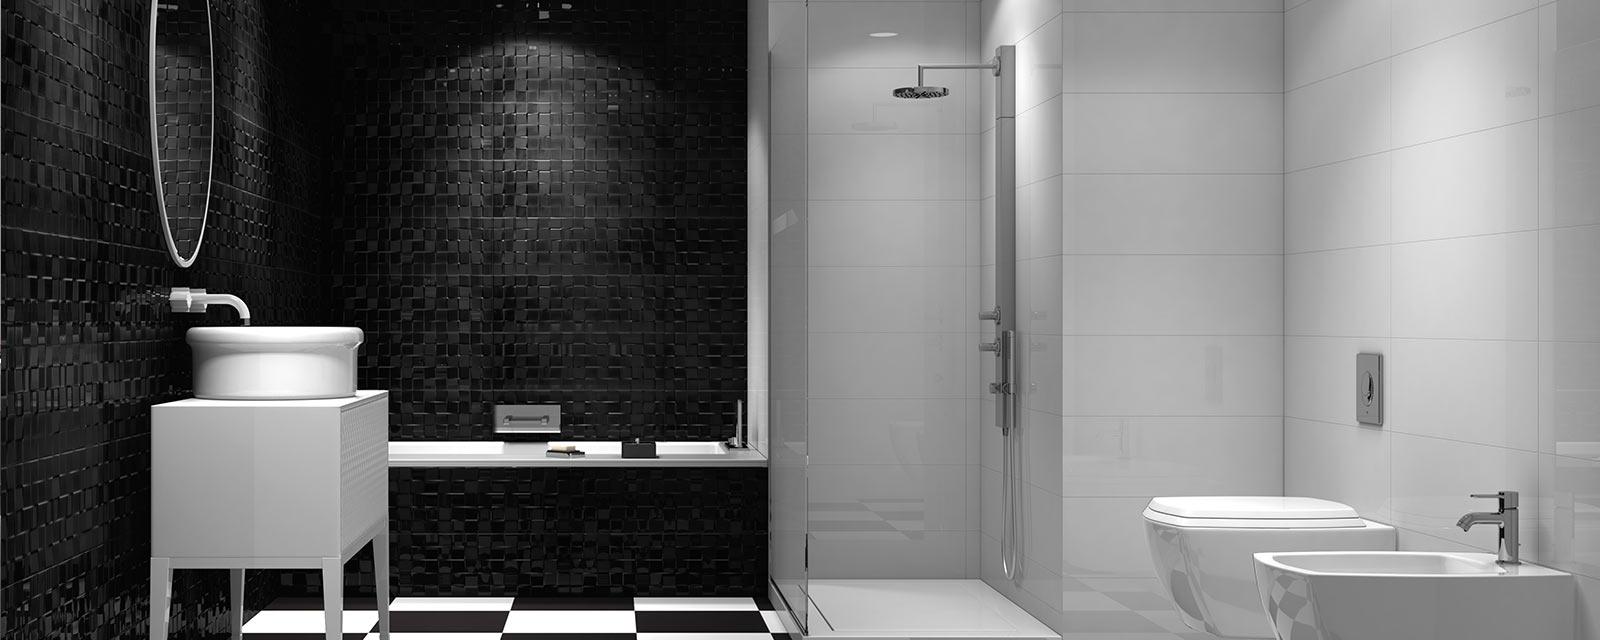 Des Types De Carrelages Modernes Pour La Salle De Bains Guide Artisan